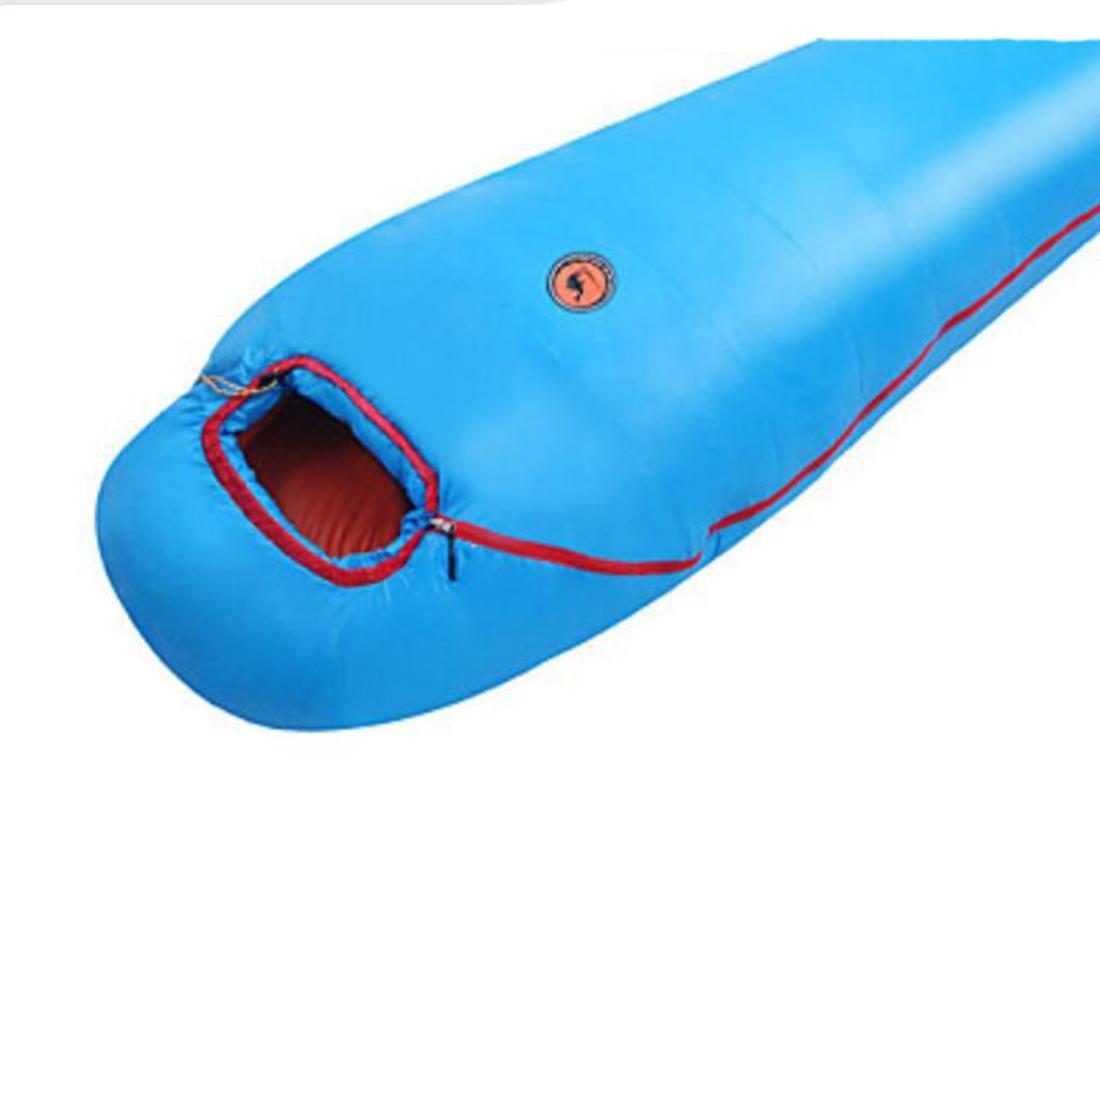 Schlafsack Mumienschlafsack Mumienschlafsack Mumienschlafsack Einzelbett(150 x 200 cm) -3 -7-17 T C BaumwolleX80 Camping warm halten Feuchtigkeitsundurchlässig 2a8dbe